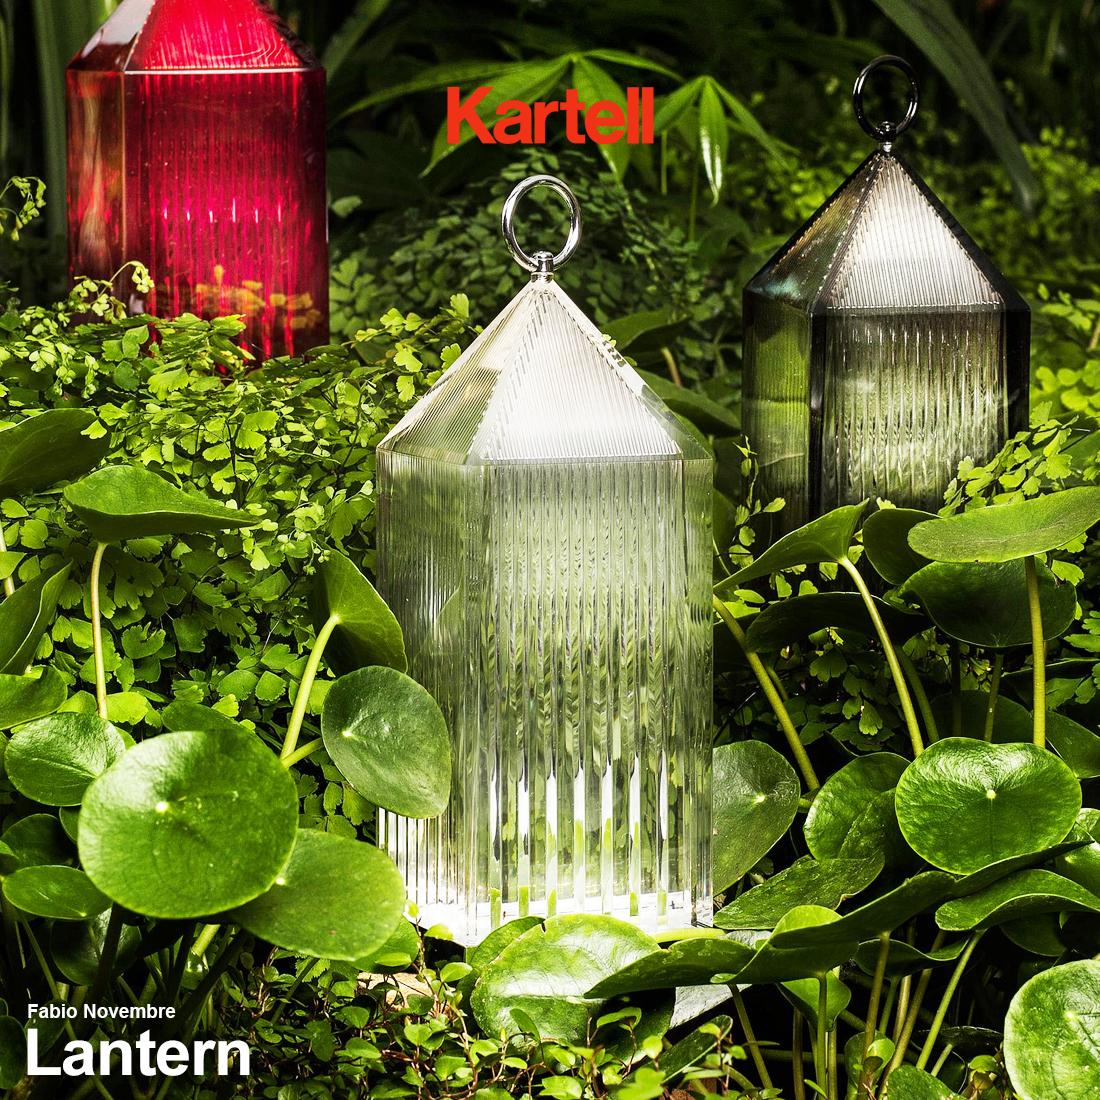 【kartell/カルテル】Lantern/ランタン テーブルランプバッテリー充電型/LED/アウトドア/シンプル/ライト/照明